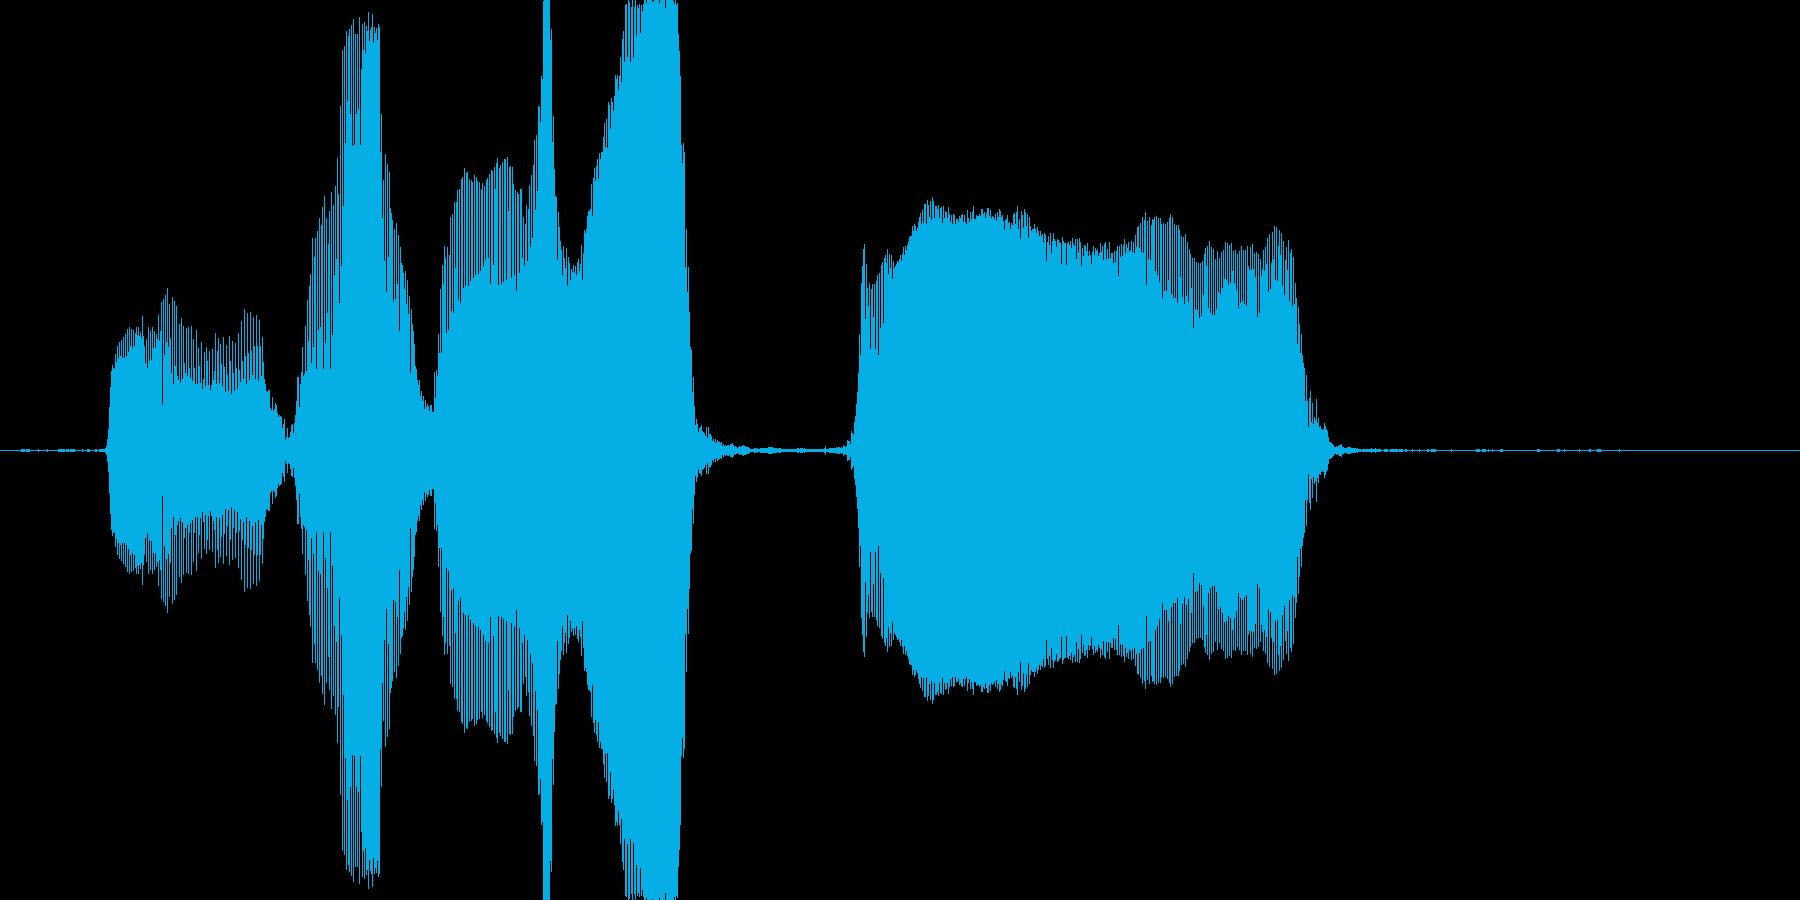 レベルアップー!の再生済みの波形